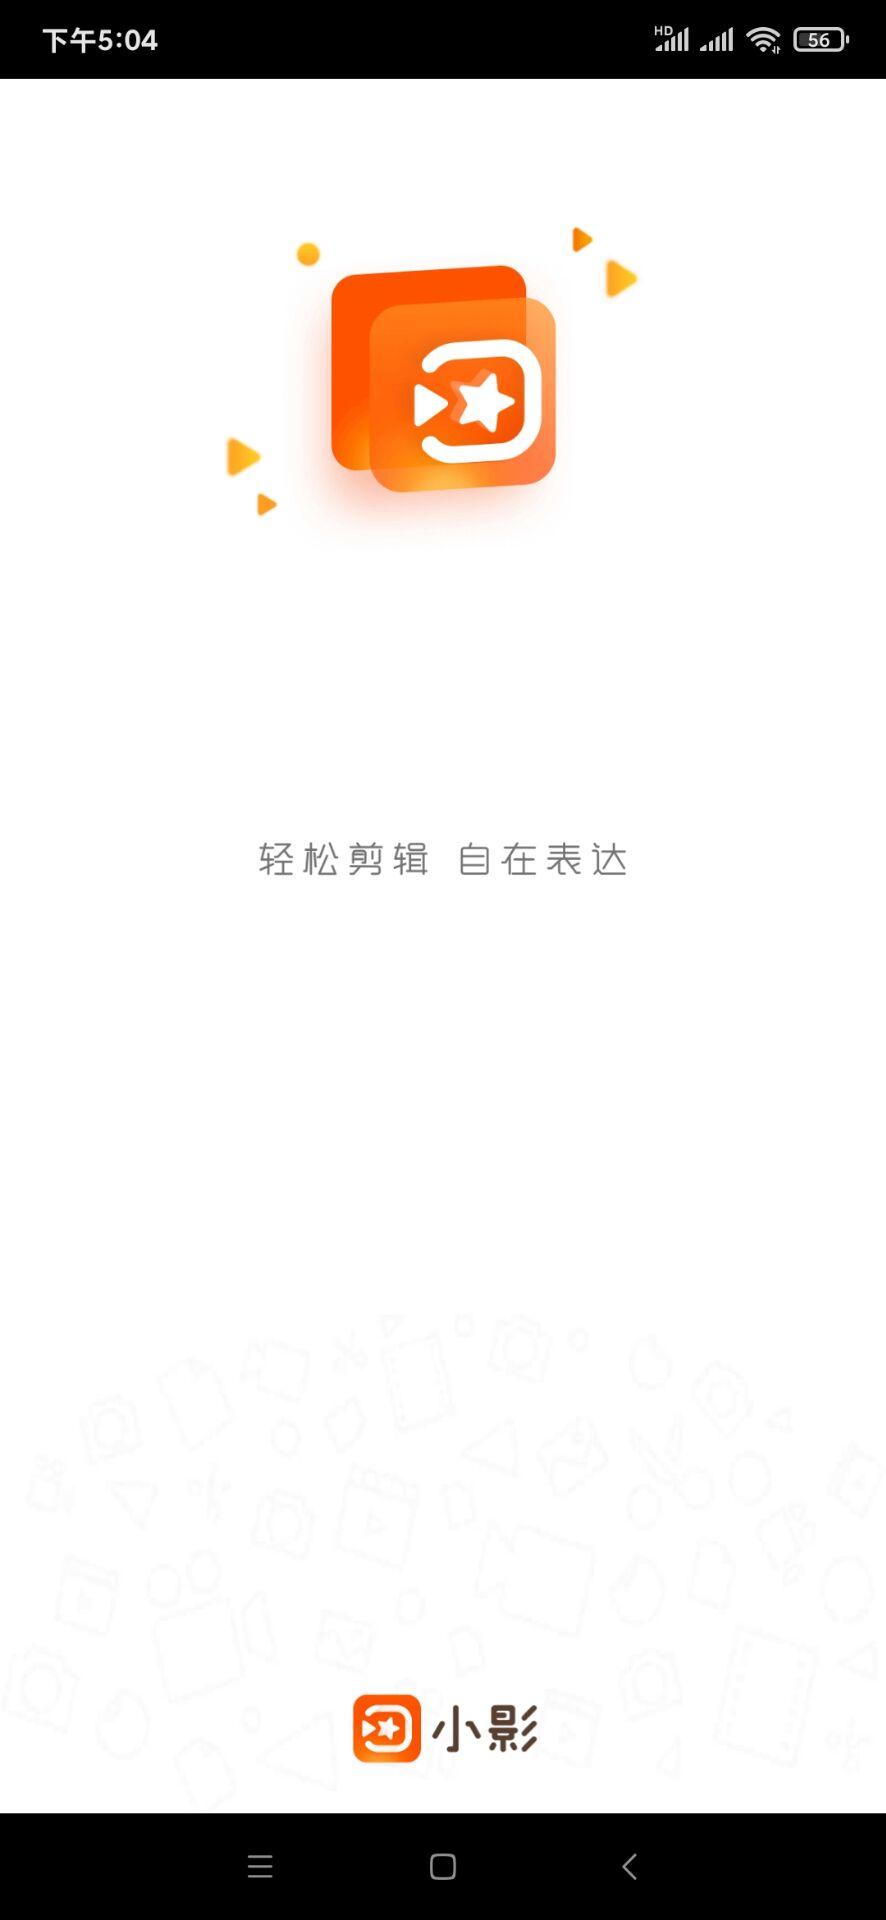 【安卓】小影_v8.5.3最新版本打开既是会员